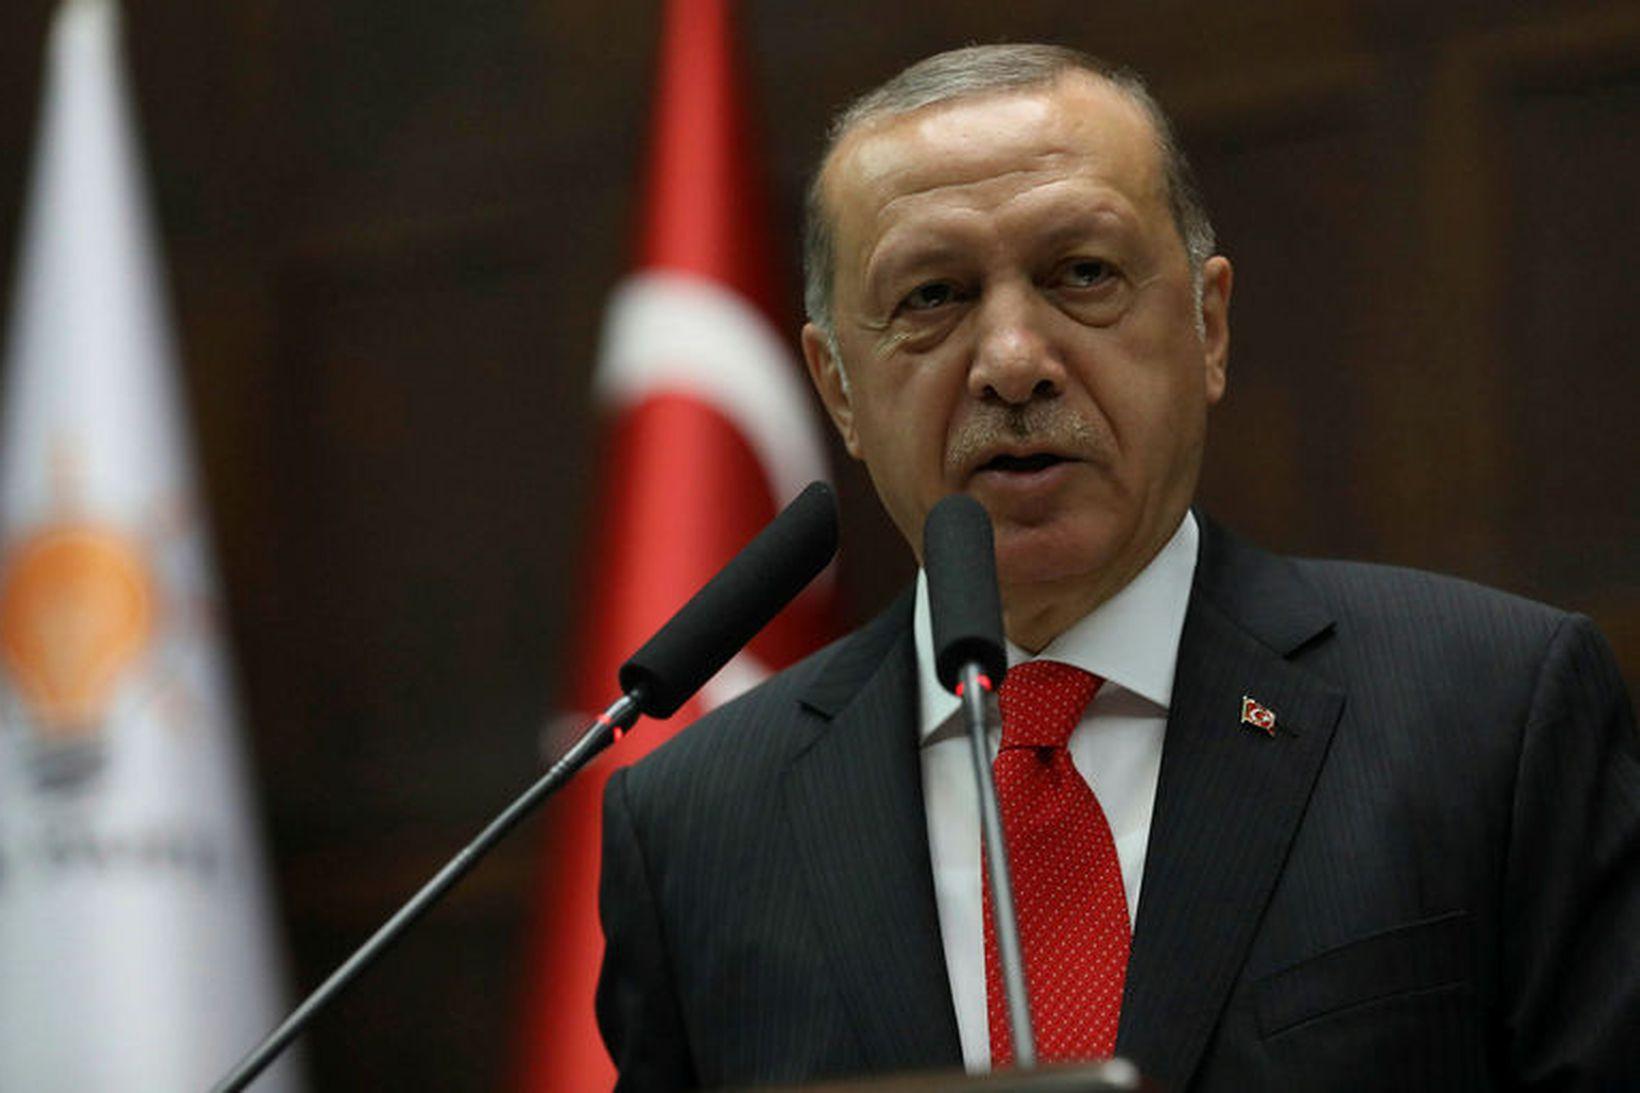 Forseti Tyrklands, Tayyip Erdogan, var nýverið endurkjörinn í embætti.